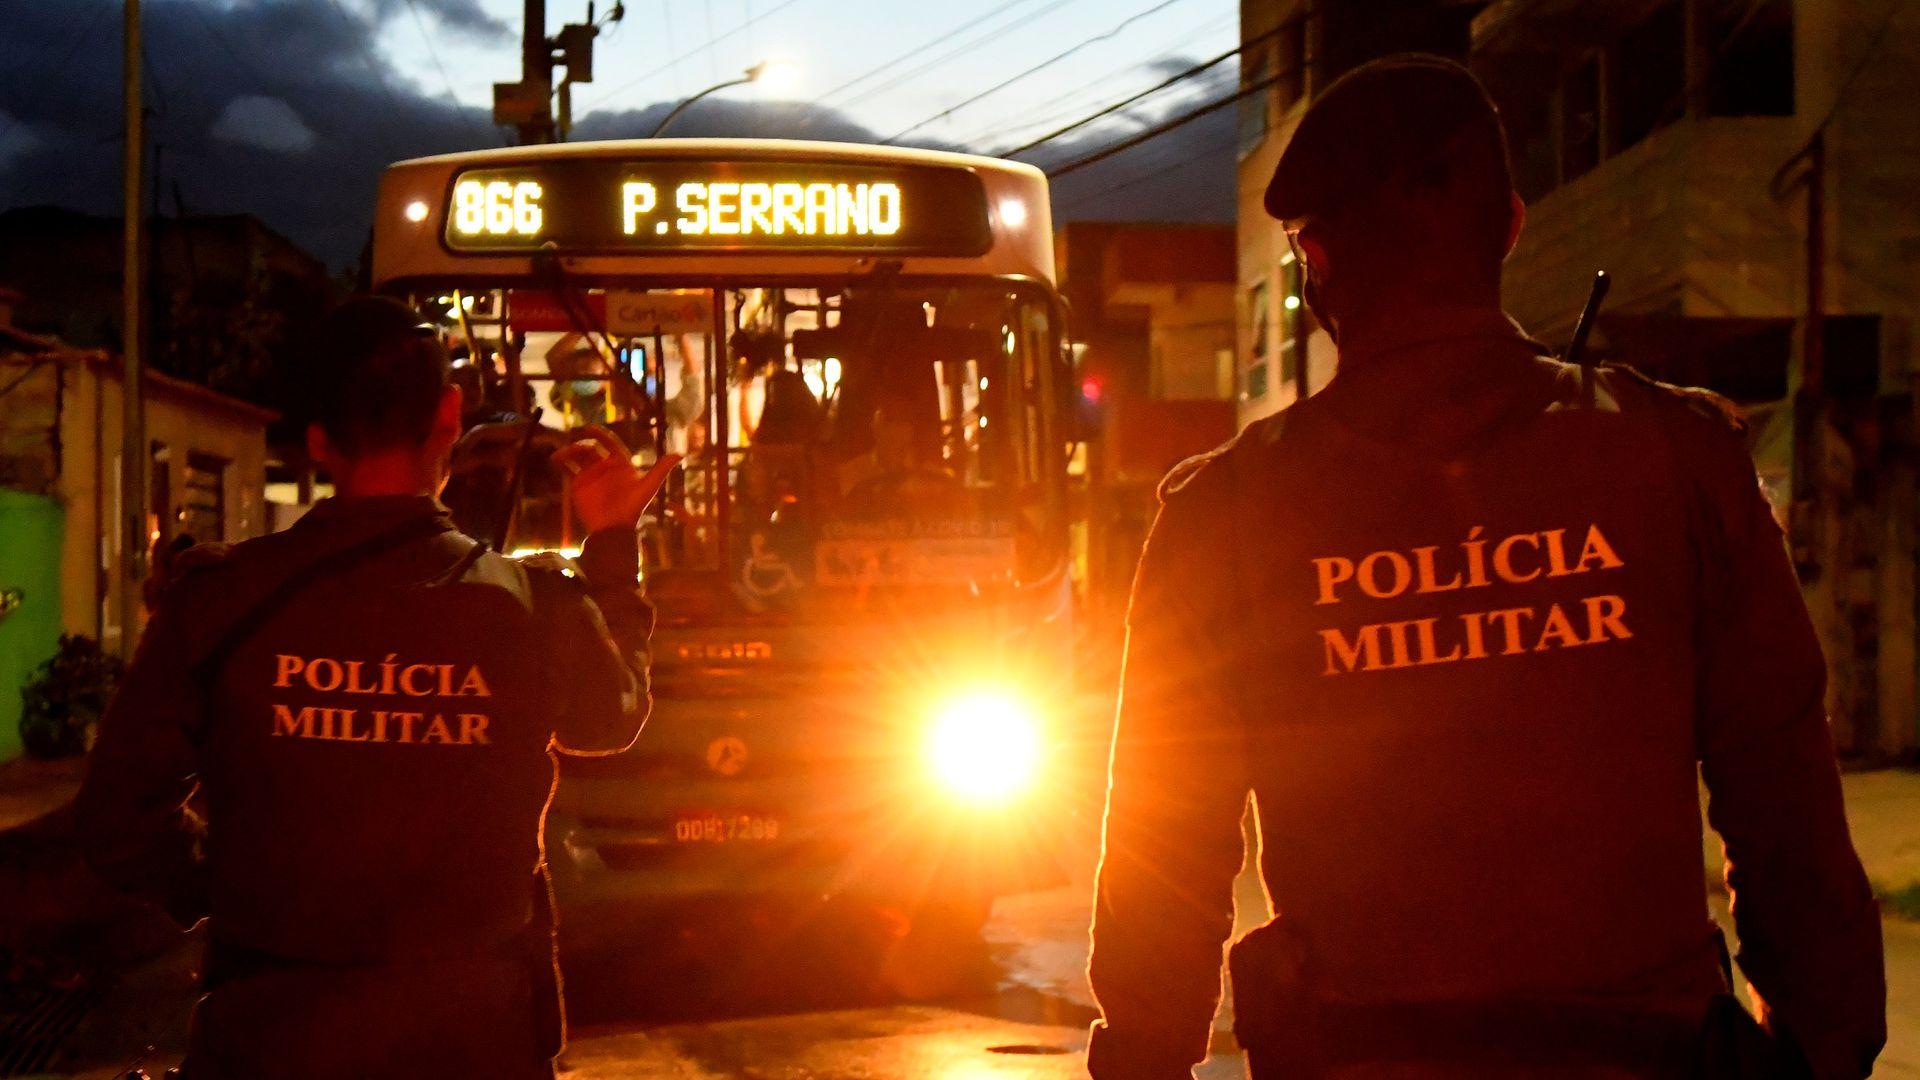 Polícia Militar reforça o patrulhamento no bairro Planalto Serrano após tiroteios entre traficantes e ameaças à jornalistas que faziam matéria sobre a onda de violência na região